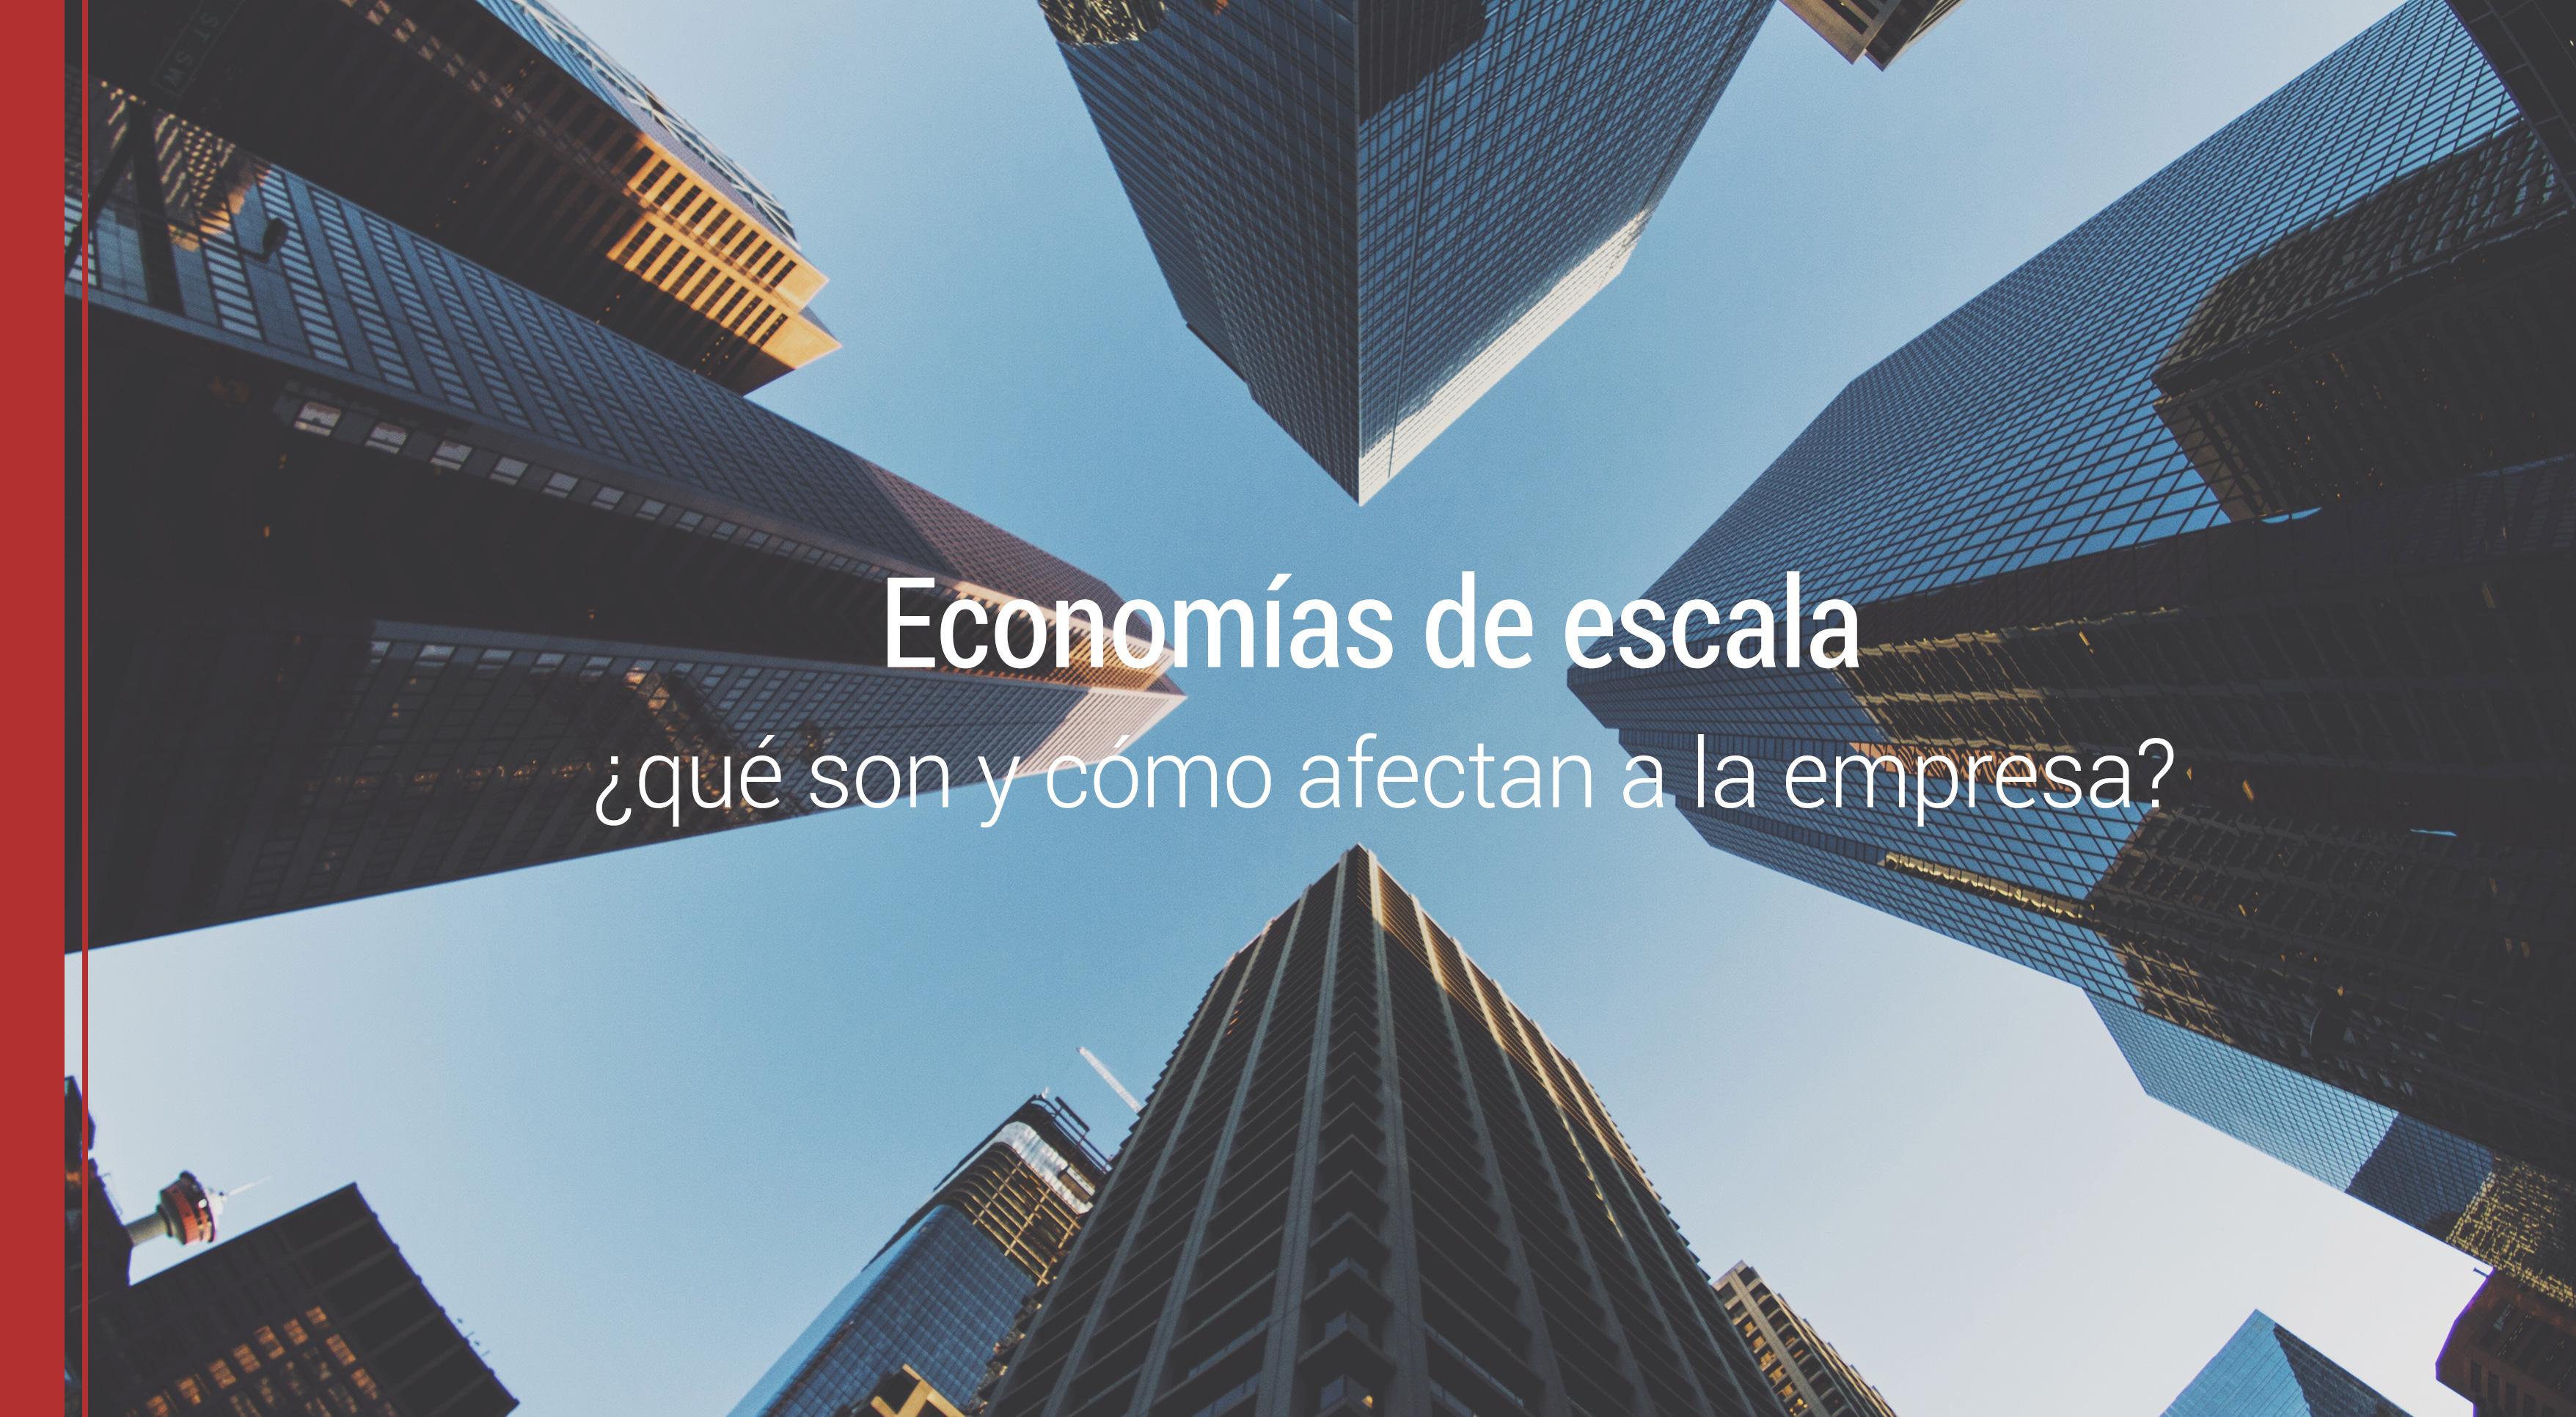 las economias de escala en las empresas